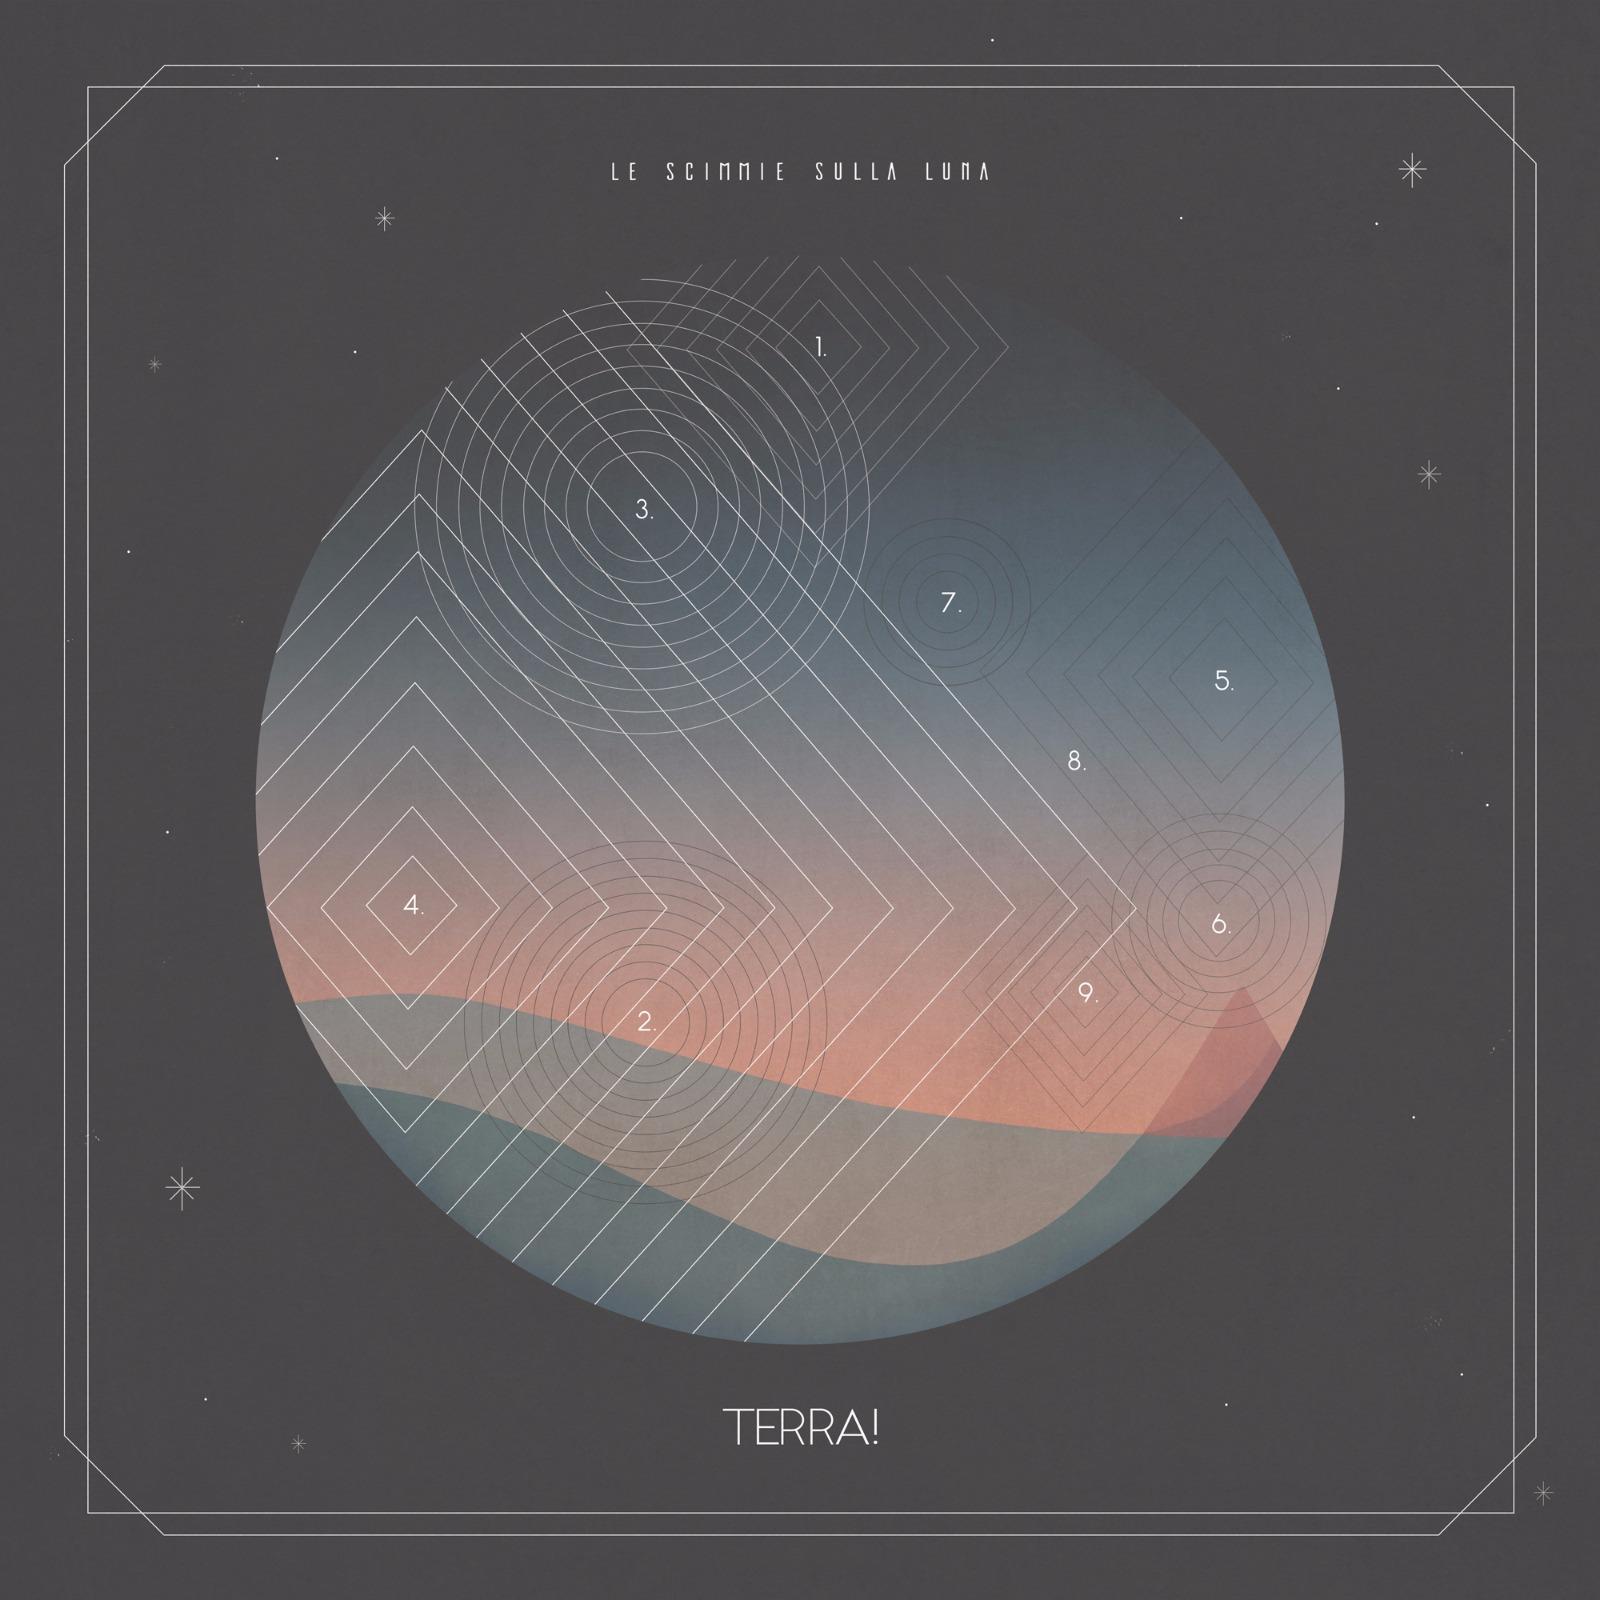 Acquista TERRA!, il nuovo album de LE SCIMMIE SULLA LUNA